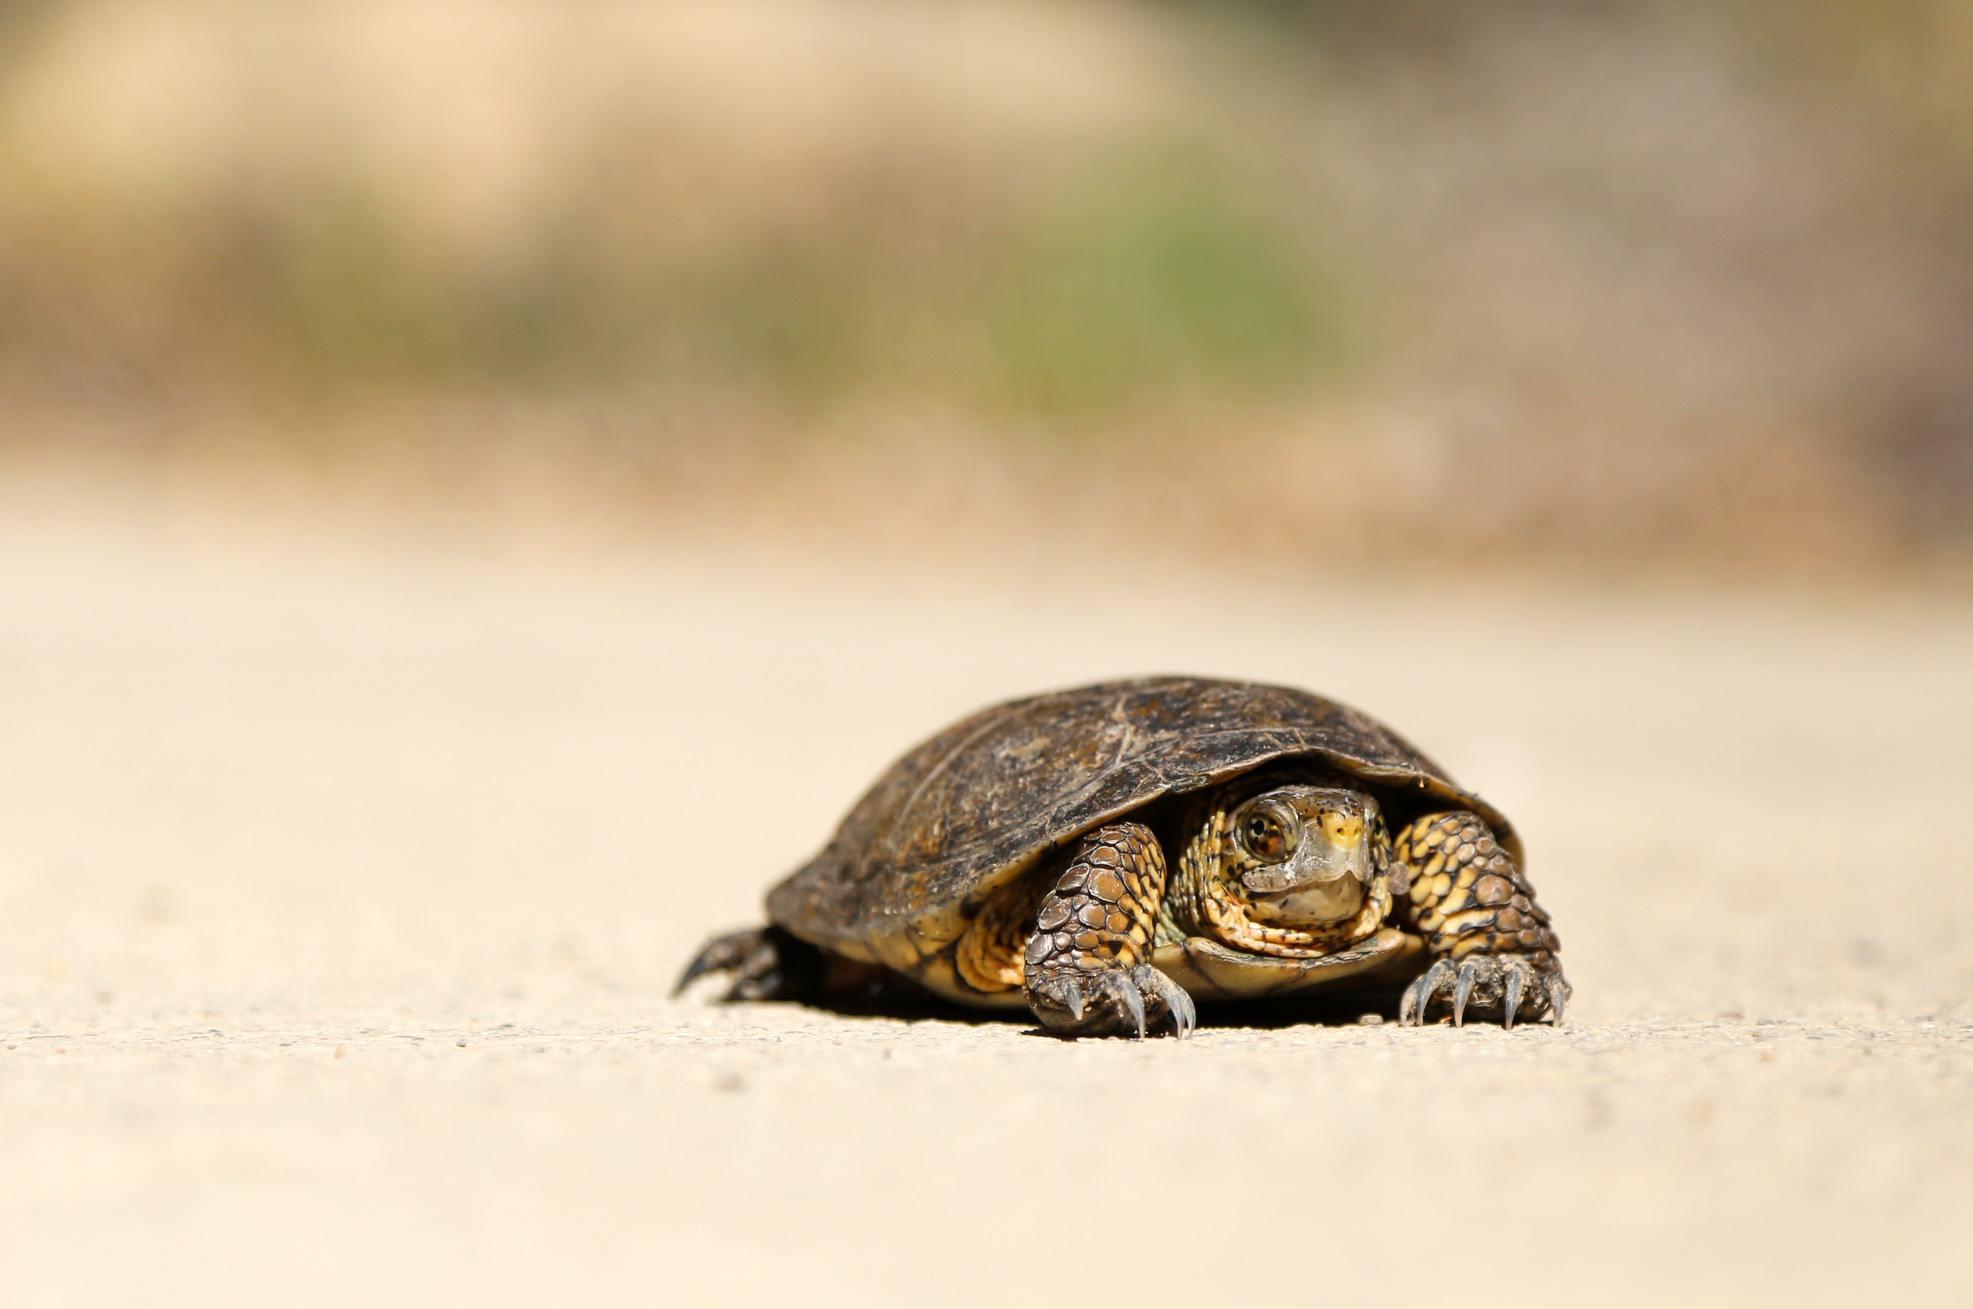 Schildkröte langsam Beschleunigung